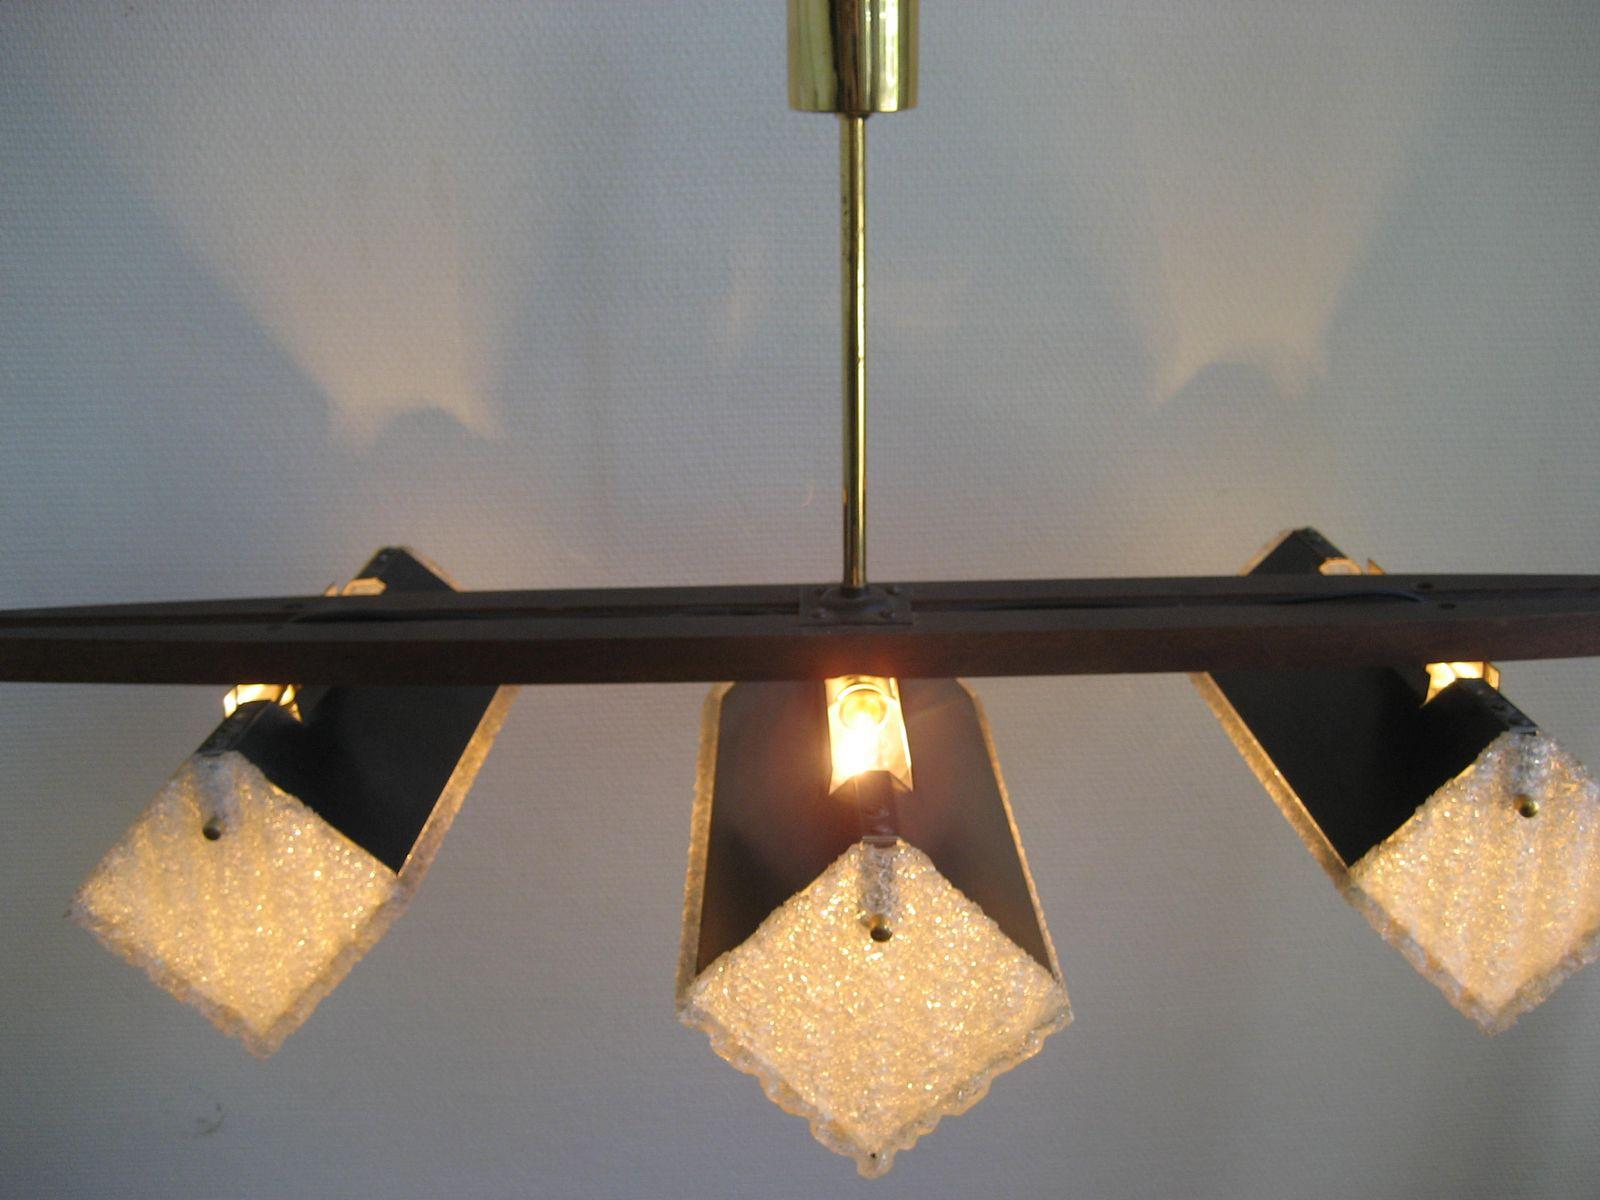 franz sische vintage lampe mit drei plastik lampenschirmen 1960er bei pamono kaufen. Black Bedroom Furniture Sets. Home Design Ideas